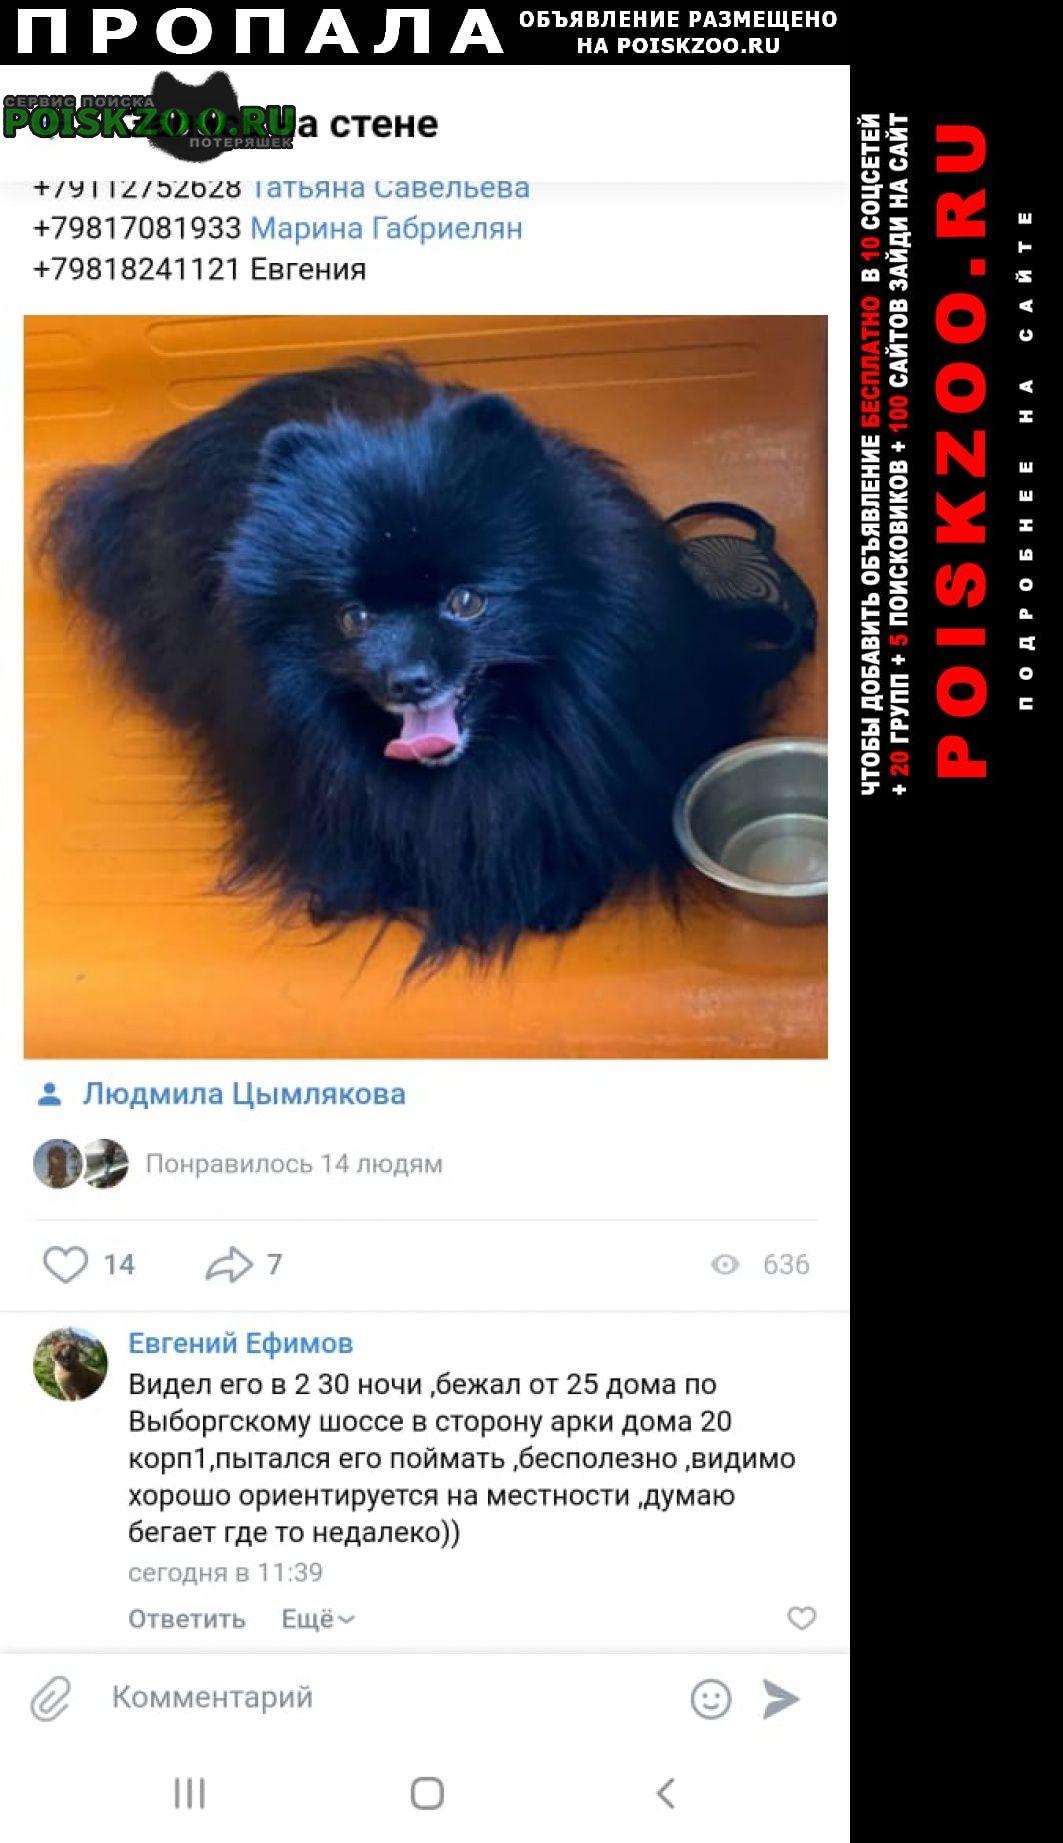 Пропала собака кобель шпиц Санкт-Петербург